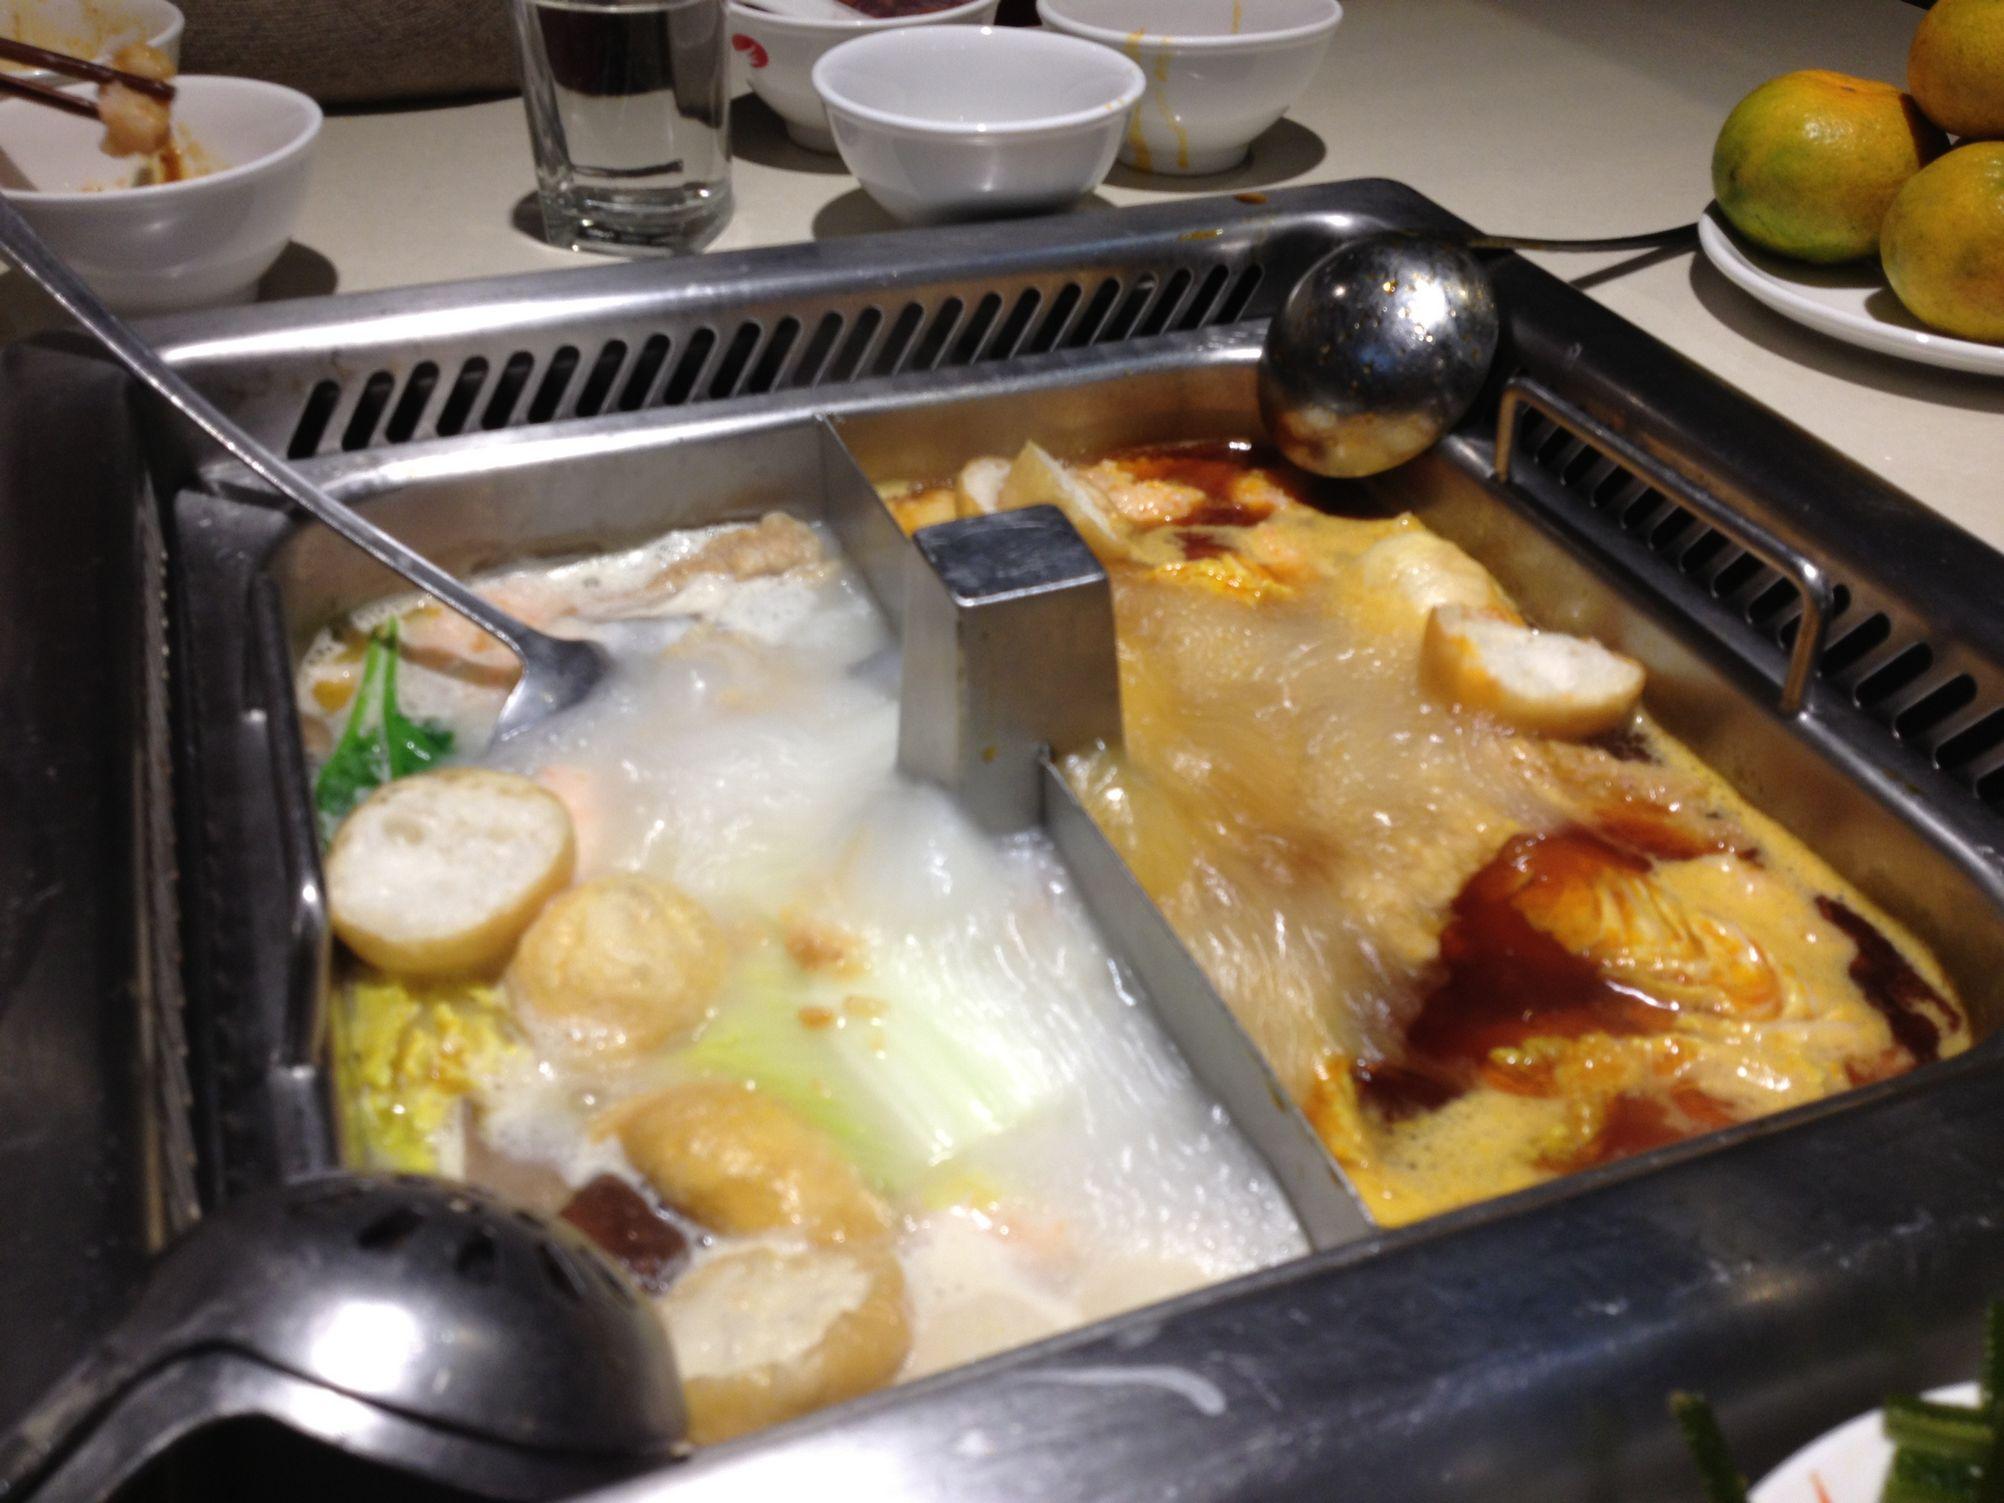 但还是很辣啦 【海底捞】我也算灭草喽,味道也就这样吧,就是个火锅味